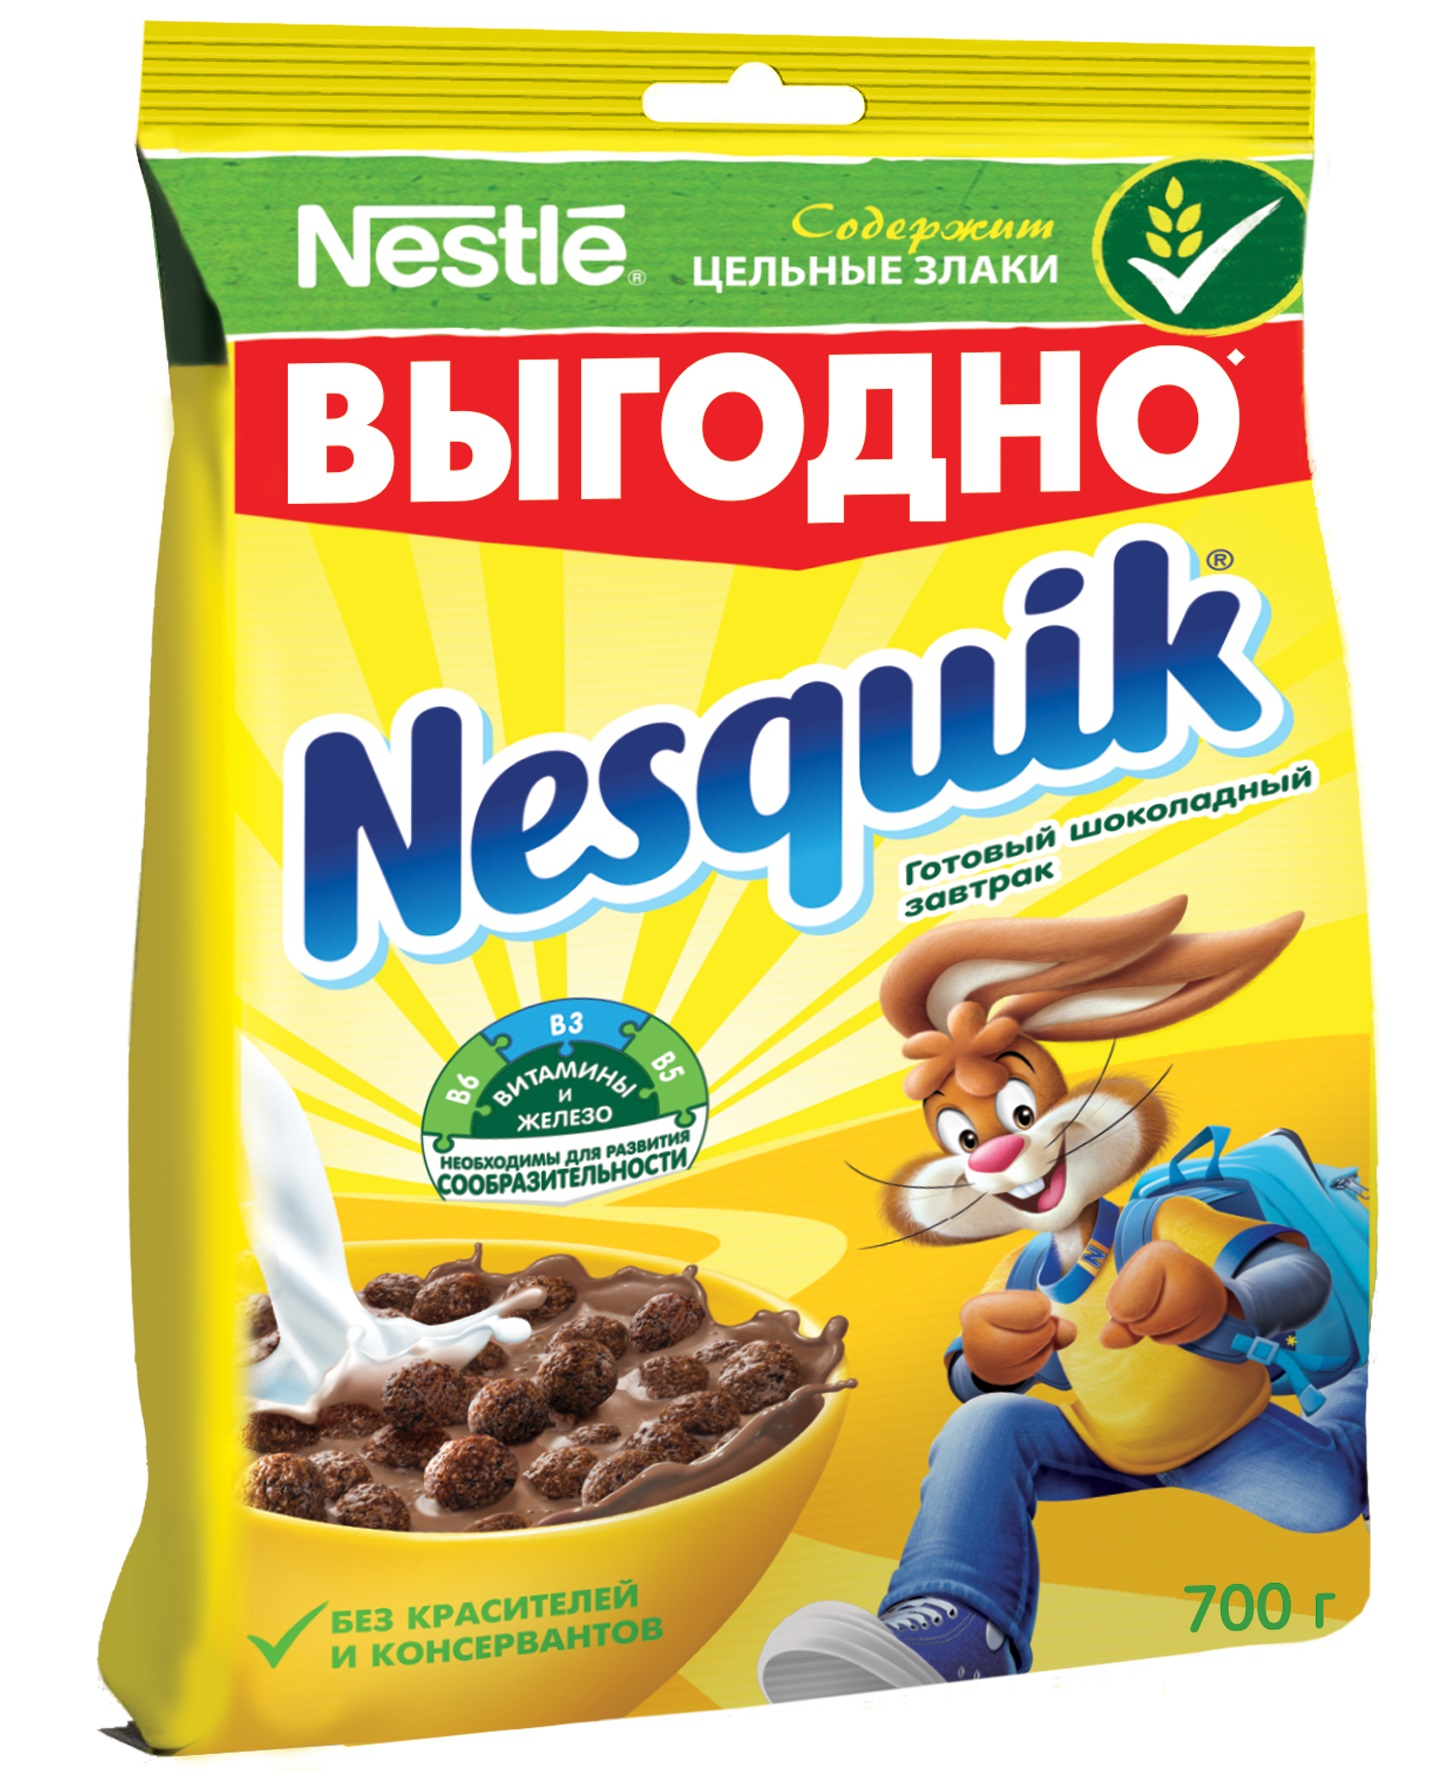 Готовые завтраки, каши, мюсли Cini Minis или Готовые завтраки, каши, мюсли Nesquik — что лучше